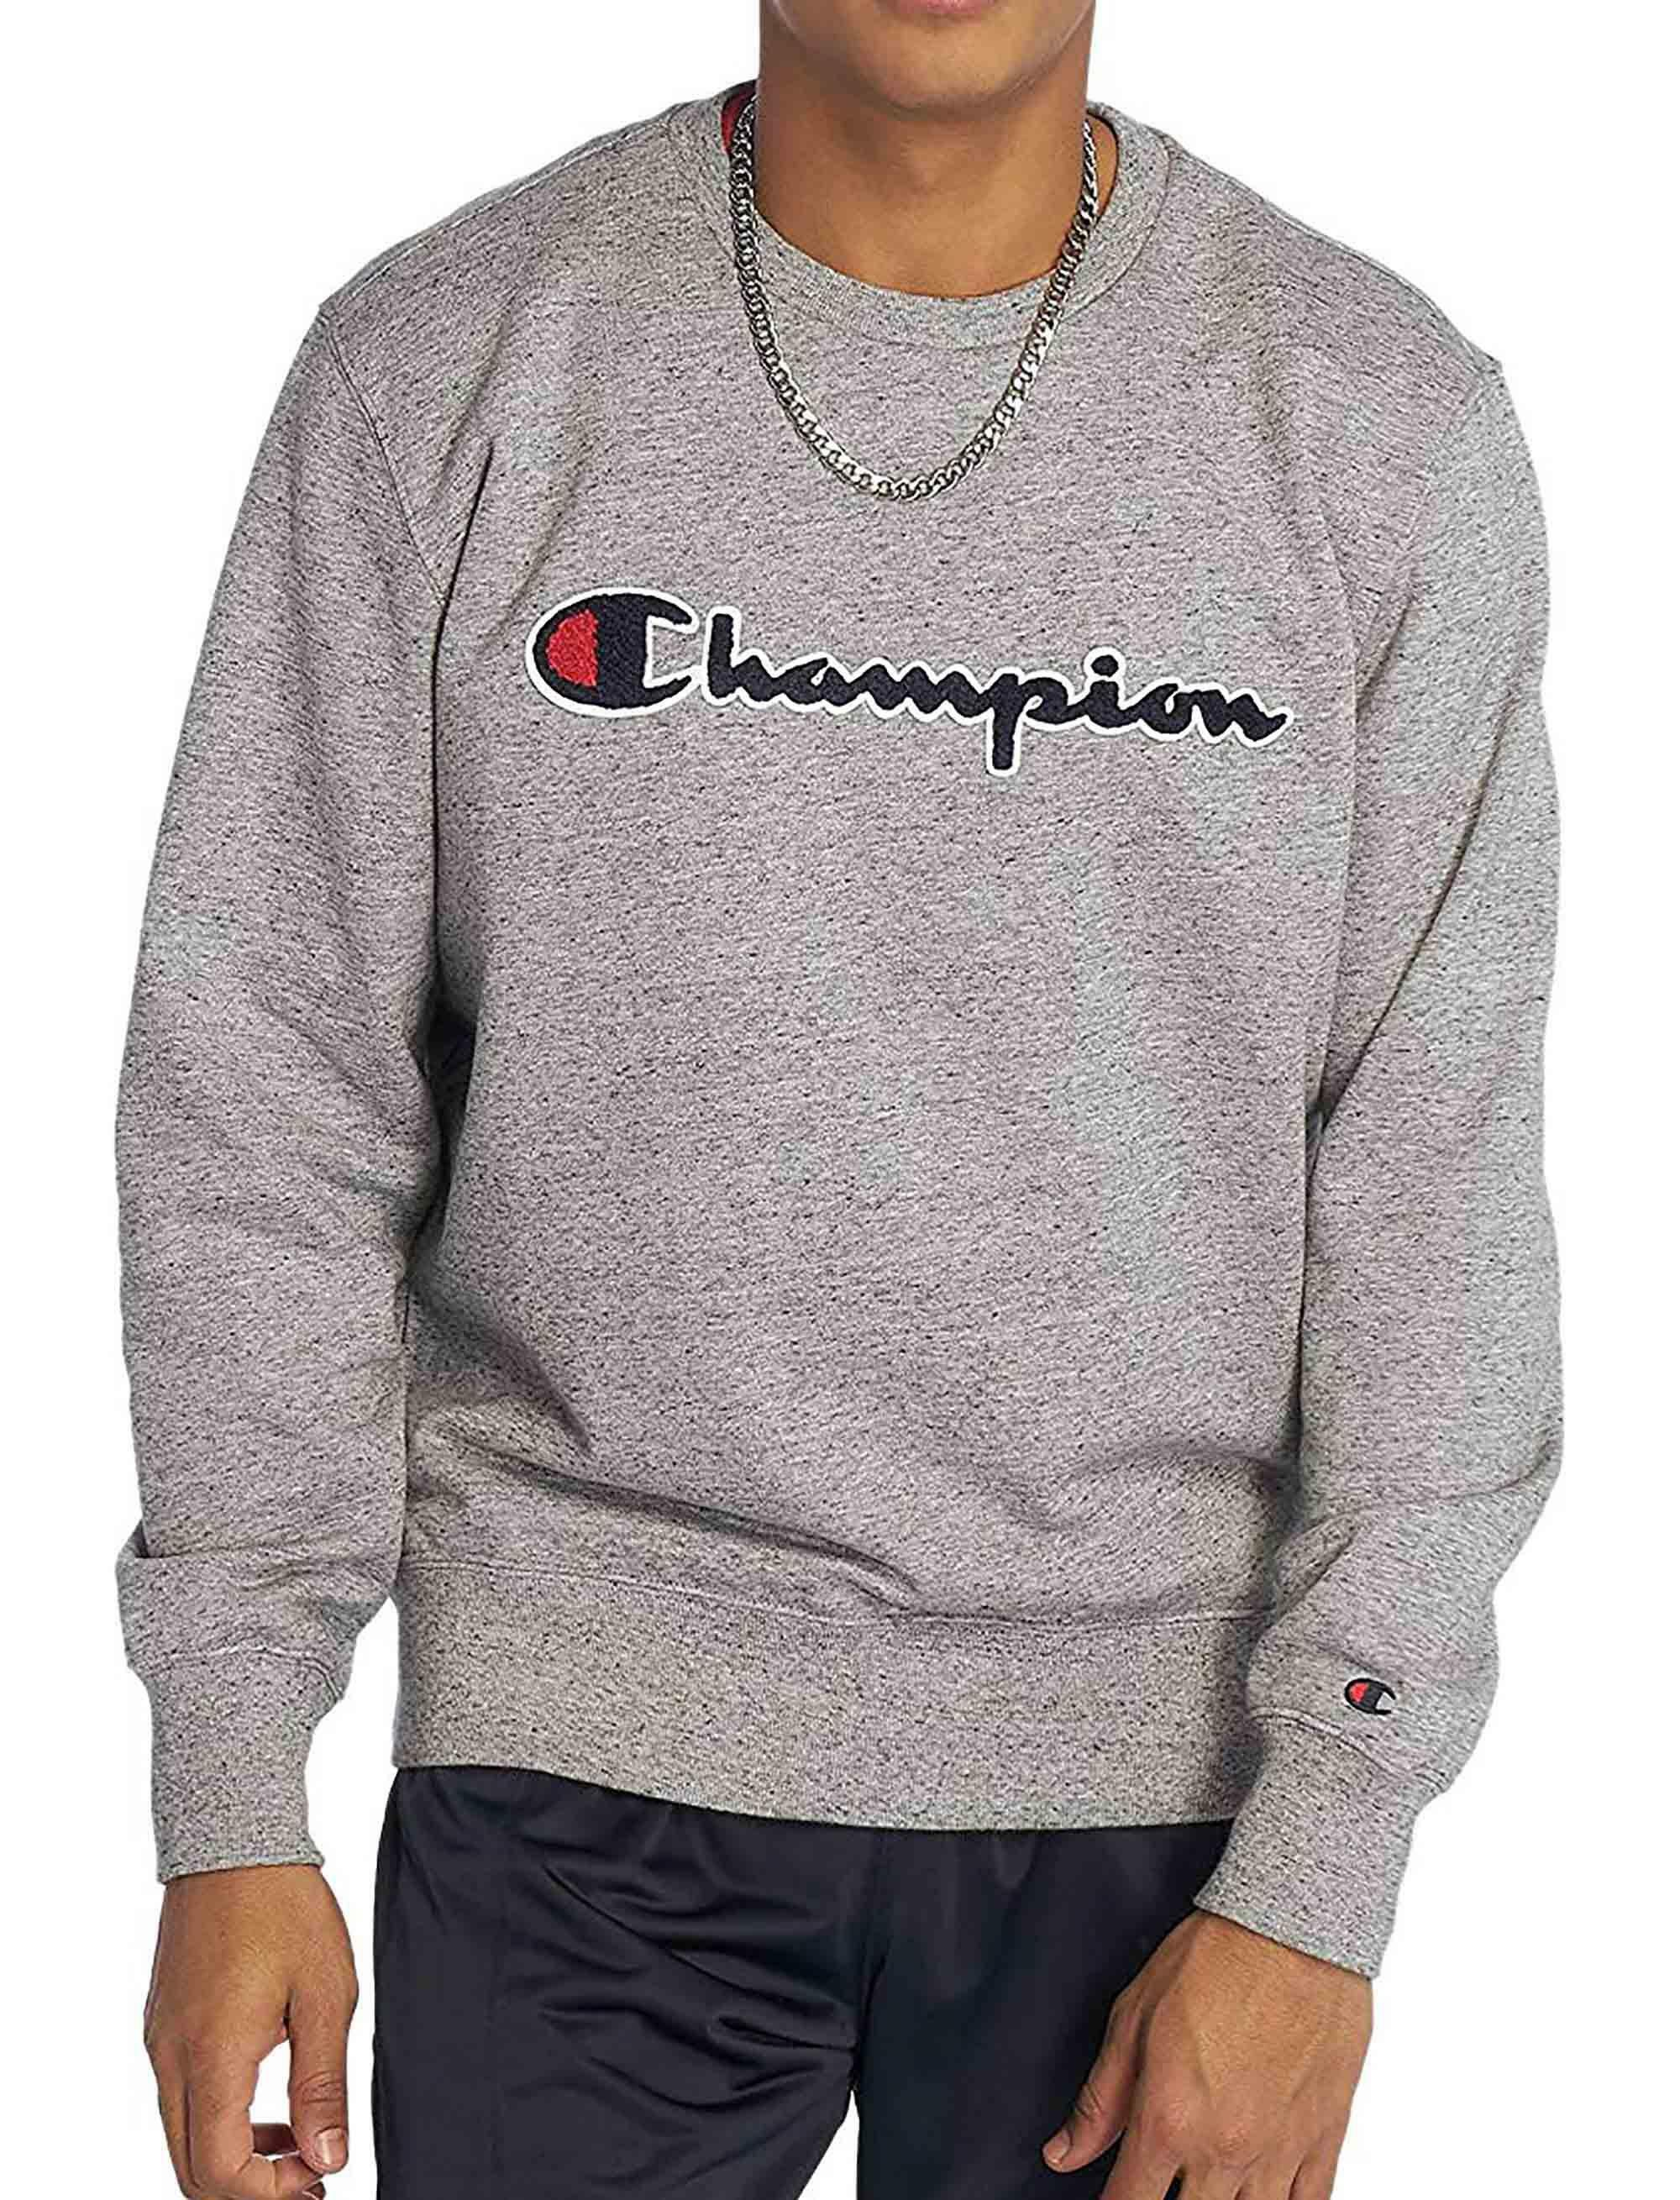 Details zu CHAMPION CHAMPION SWEATSHIRT HERREN GRAU 212942EM017